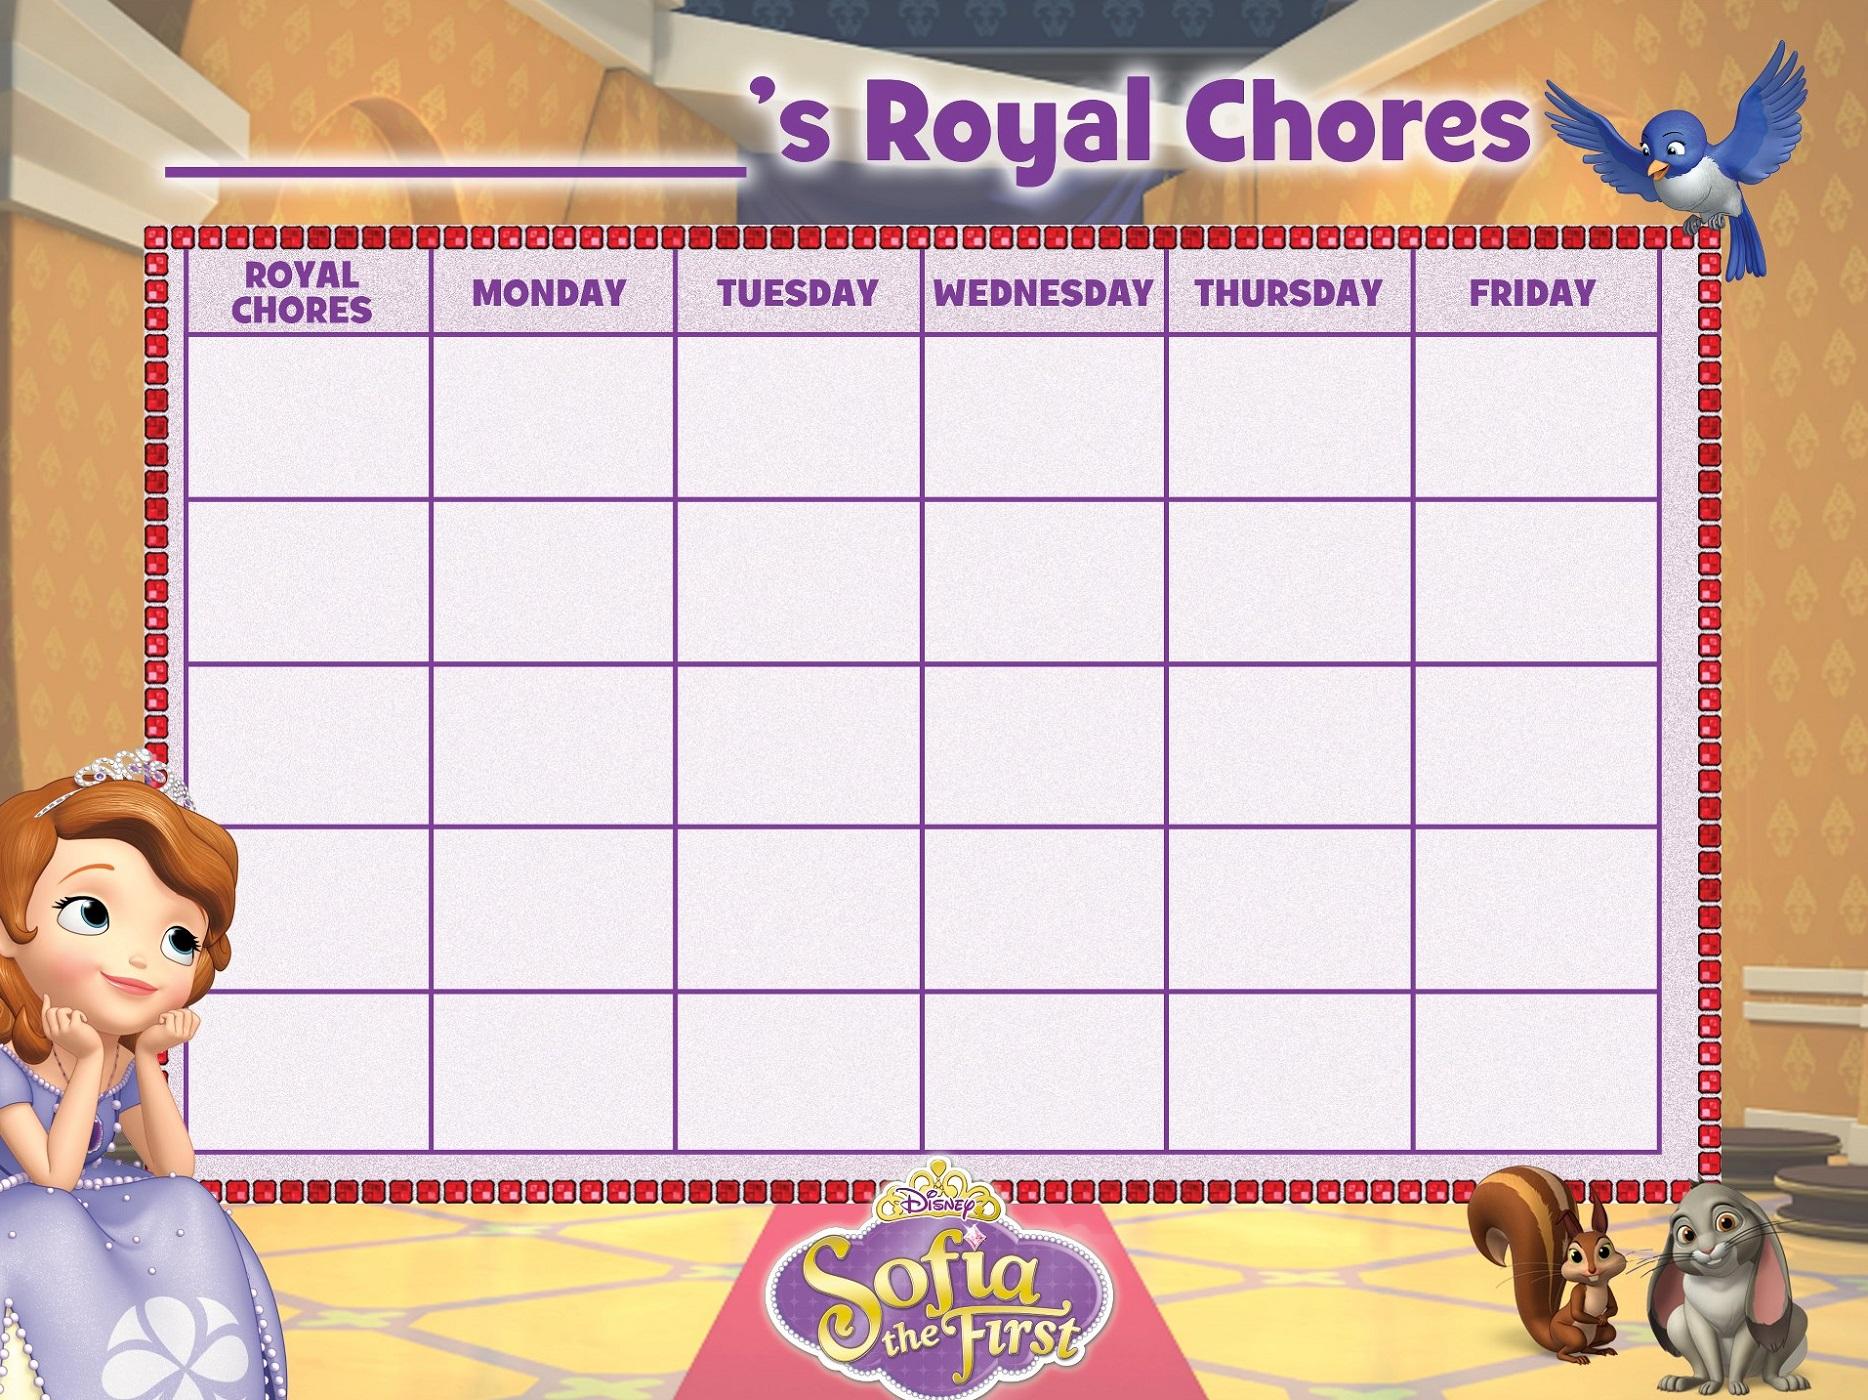 chore reward chart sofia